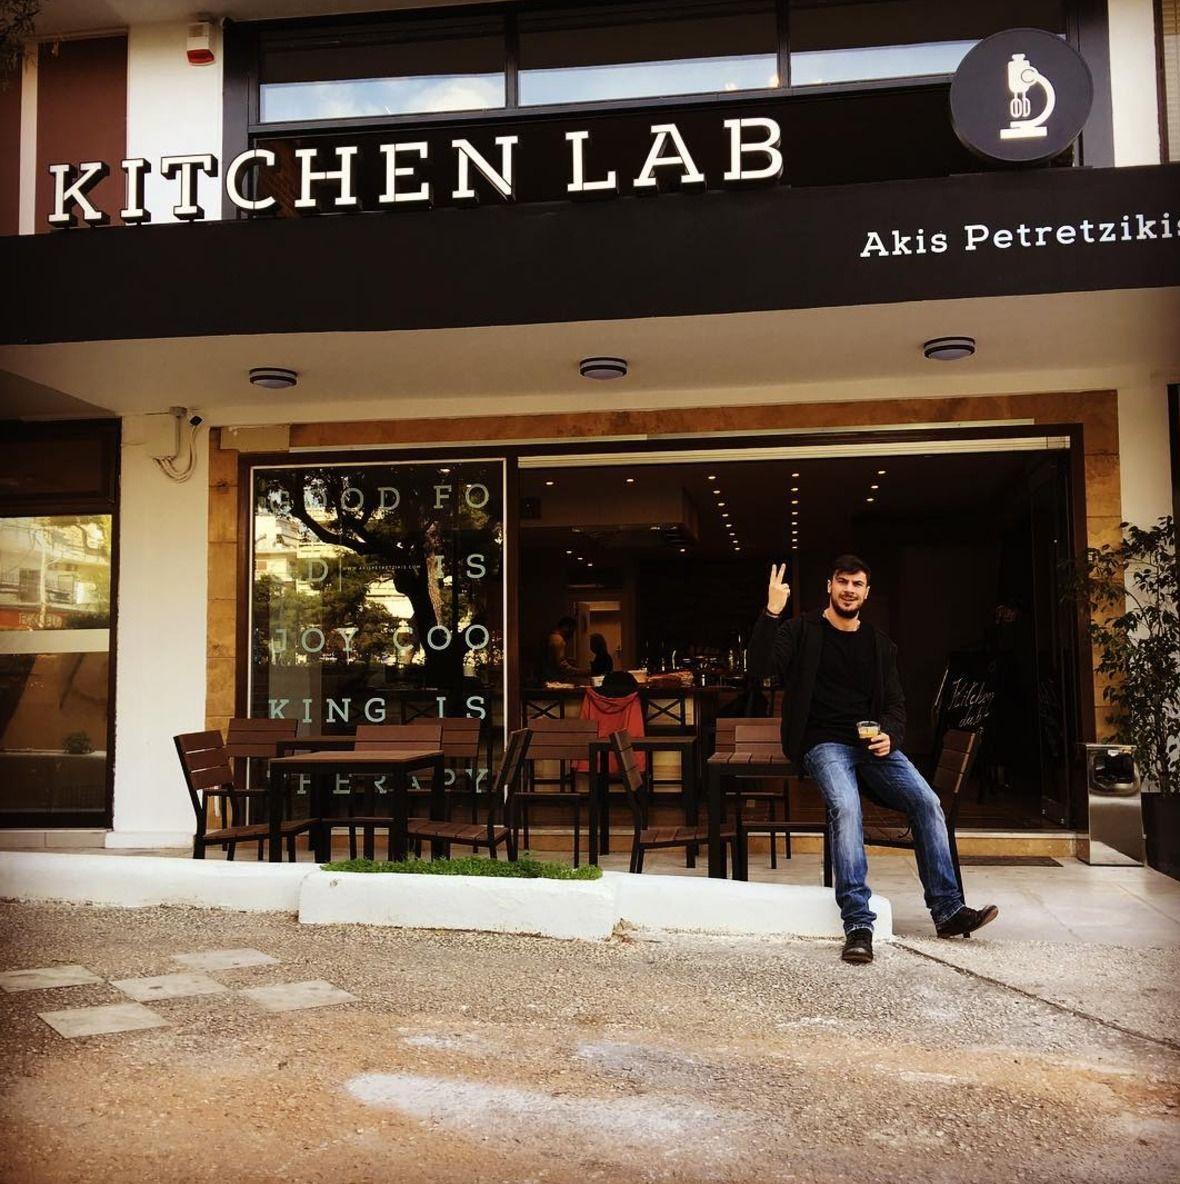 Το Kichen Lab του Άκη Πετρετζίκη έρχεται στα Νότια Προάστια